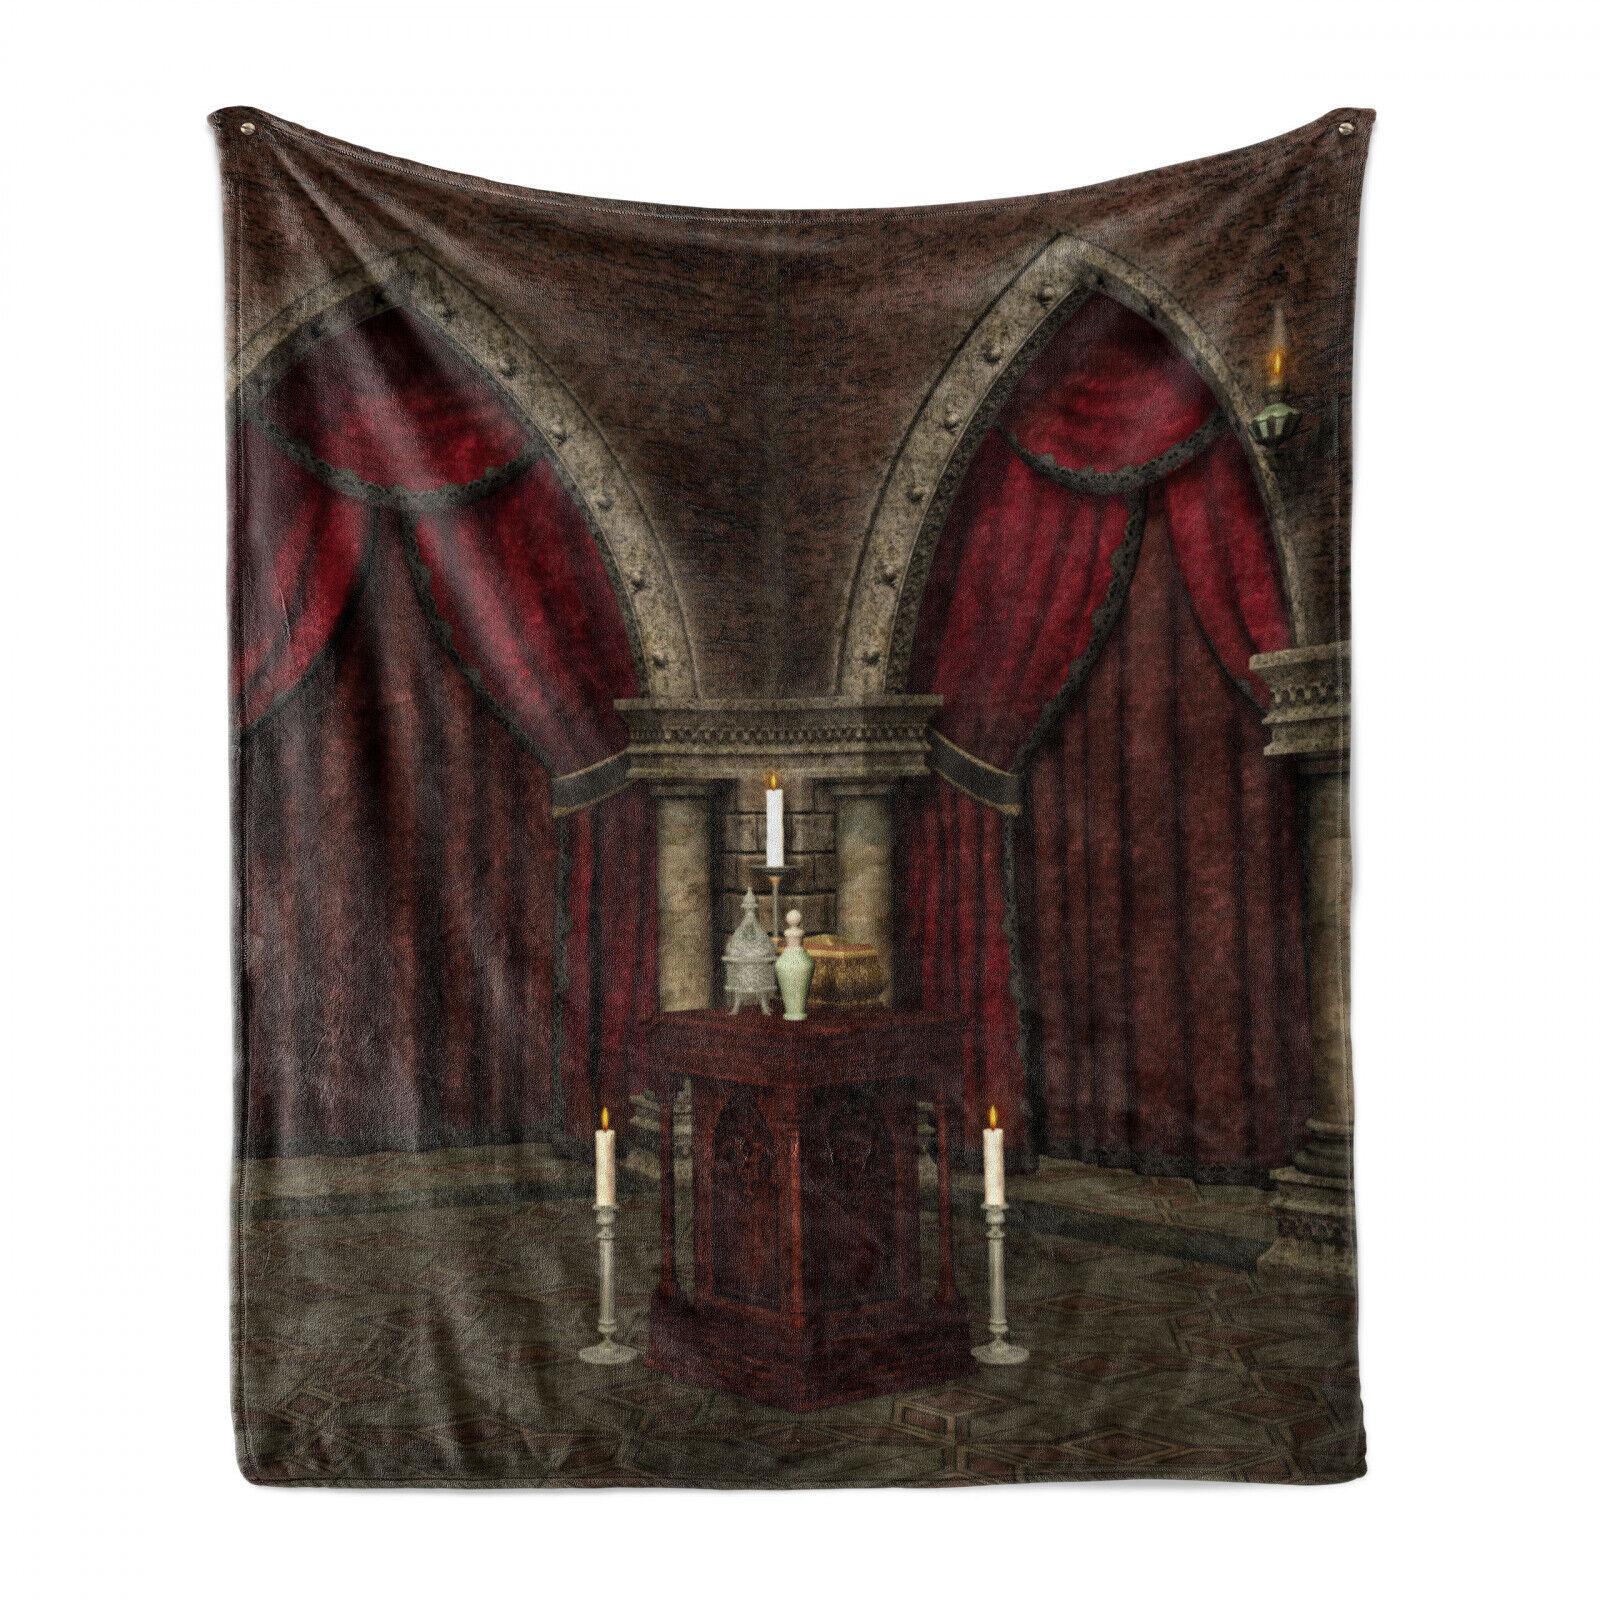 gotisch Weich Flanell Fleece Decke Mysterious Zimmer Castle